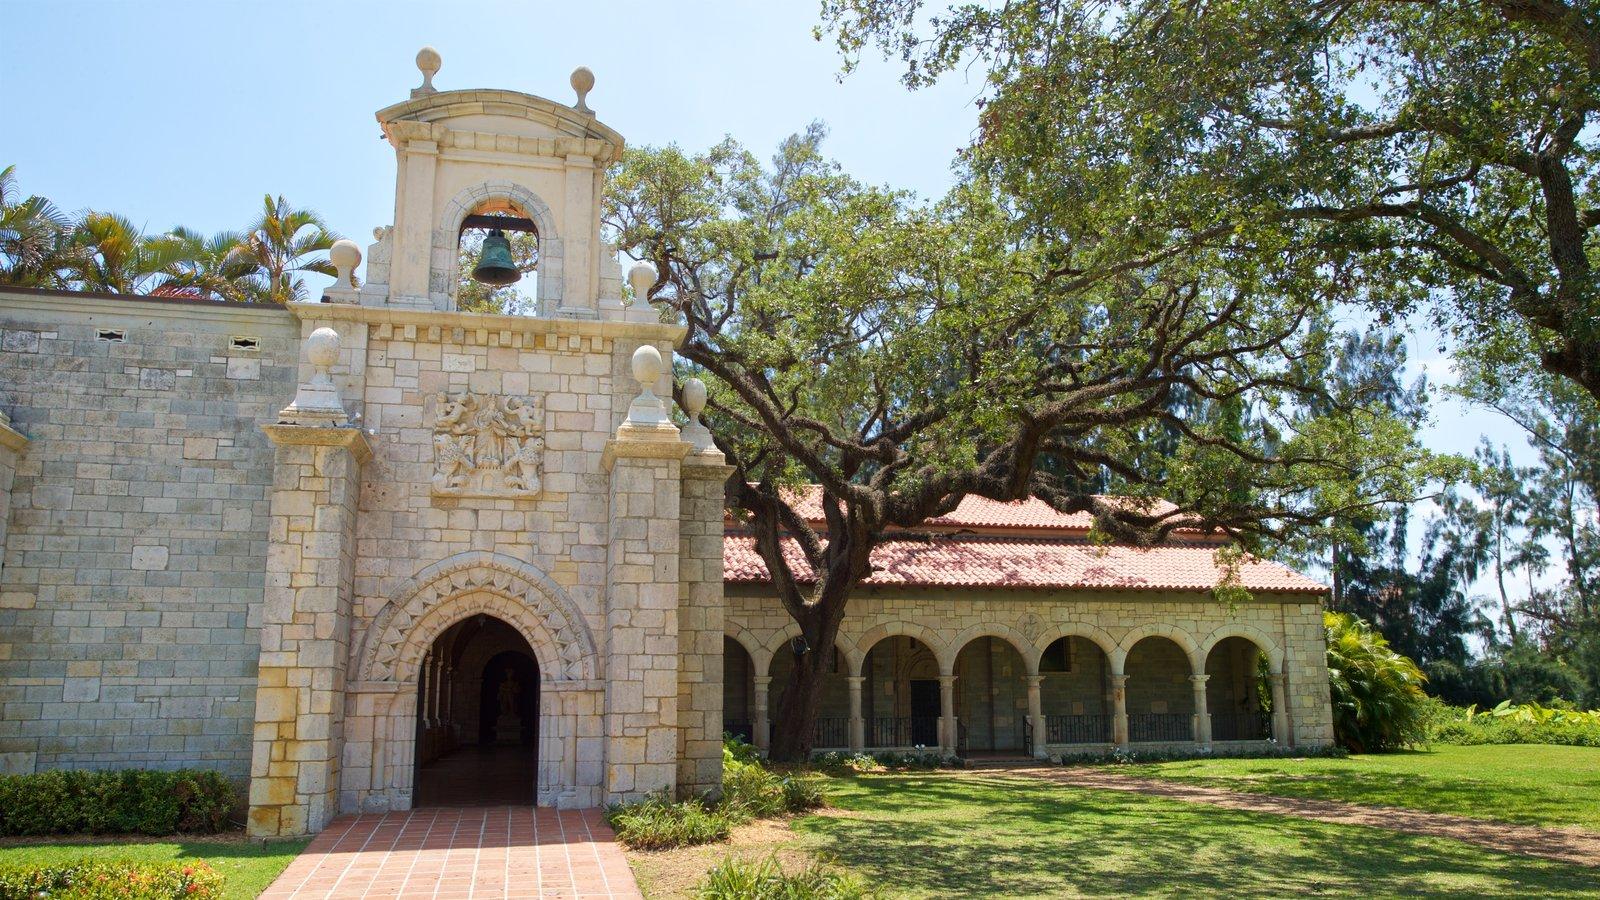 Antiguo Monasterio Español ofreciendo un jardín y elementos del patrimonio